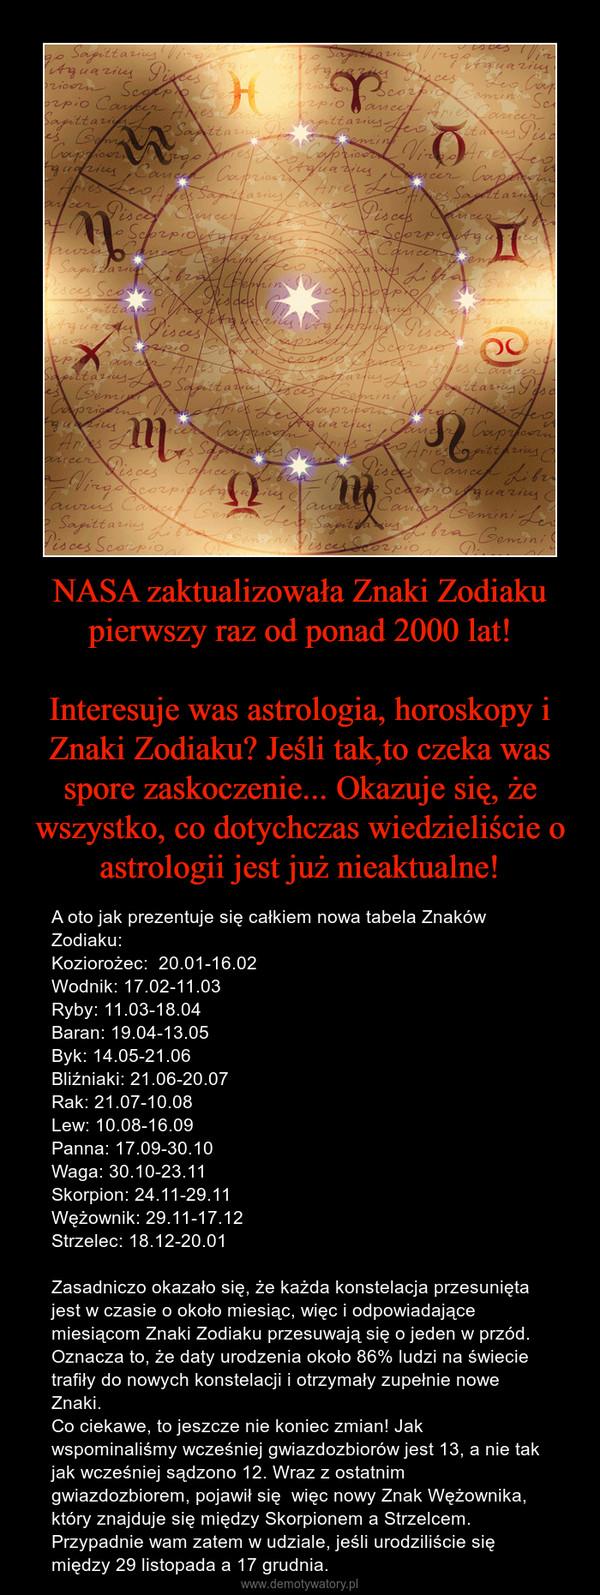 NASA zaktualizowała Znaki Zodiaku pierwszy raz od ponad 2000 lat!Interesuje was astrologia, horoskopy i Znaki Zodiaku? Jeśli tak,to czeka was spore zaskoczenie... Okazuje się, że wszystko, co dotychczas wiedzieliście o astrologii jest już nieaktualne! – A oto jak prezentuje się całkiem nowa tabela Znaków Zodiaku: Koziorożec:  20.01-16.02Wodnik: 17.02-11.03Ryby: 11.03-18.04Baran: 19.04-13.05Byk: 14.05-21.06Bliźniaki: 21.06-20.07Rak: 21.07-10.08Lew: 10.08-16.09Panna: 17.09-30.10Waga: 30.10-23.11Skorpion: 24.11-29.11Wężownik: 29.11-17.12Strzelec: 18.12-20.01Zasadniczo okazało się, że każda konstelacja przesunięta jest w czasie o około miesiąc, więc i odpowiadające miesiącom Znaki Zodiaku przesuwają się o jeden w przód. Oznacza to, że daty urodzenia około 86% ludzi na świecie trafiły do nowych konstelacji i otrzymały zupełnie nowe Znaki. Co ciekawe, to jeszcze nie koniec zmian! Jak wspominaliśmy wcześniej gwiazdozbiorów jest 13, a nie tak jak wcześniej sądzono 12. Wraz z ostatnim gwiazdozbiorem, pojawił się  więc nowy Znak Wężownika, który znajduje się między Skorpionem a Strzelcem. Przypadnie wam zatem w udziale, jeśli urodziliście się między 29 listopada a 17 grudnia.